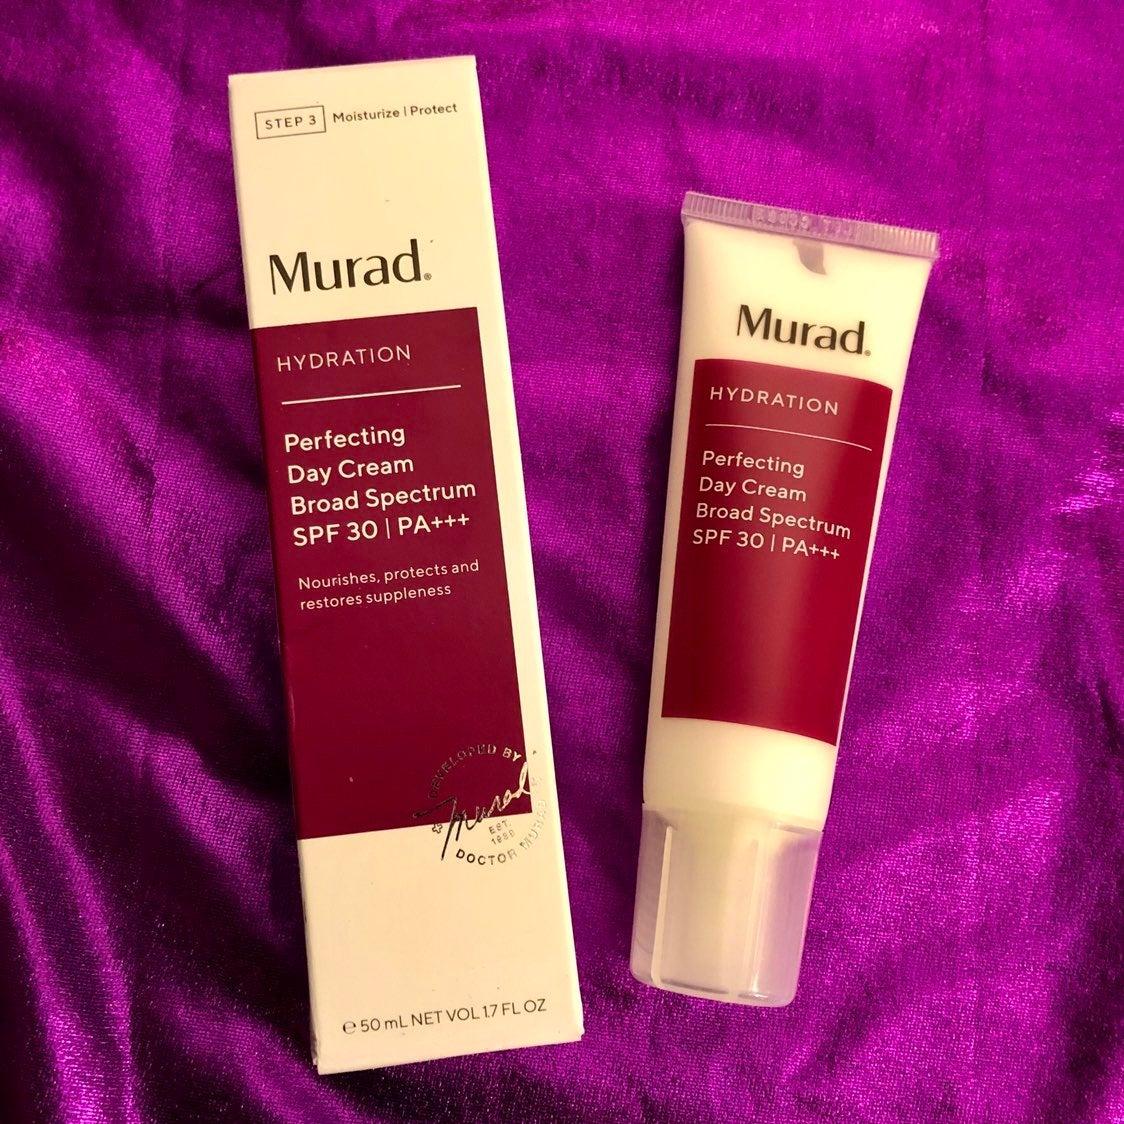 NEW! MURAD Perfecting Day Cream SPF 30